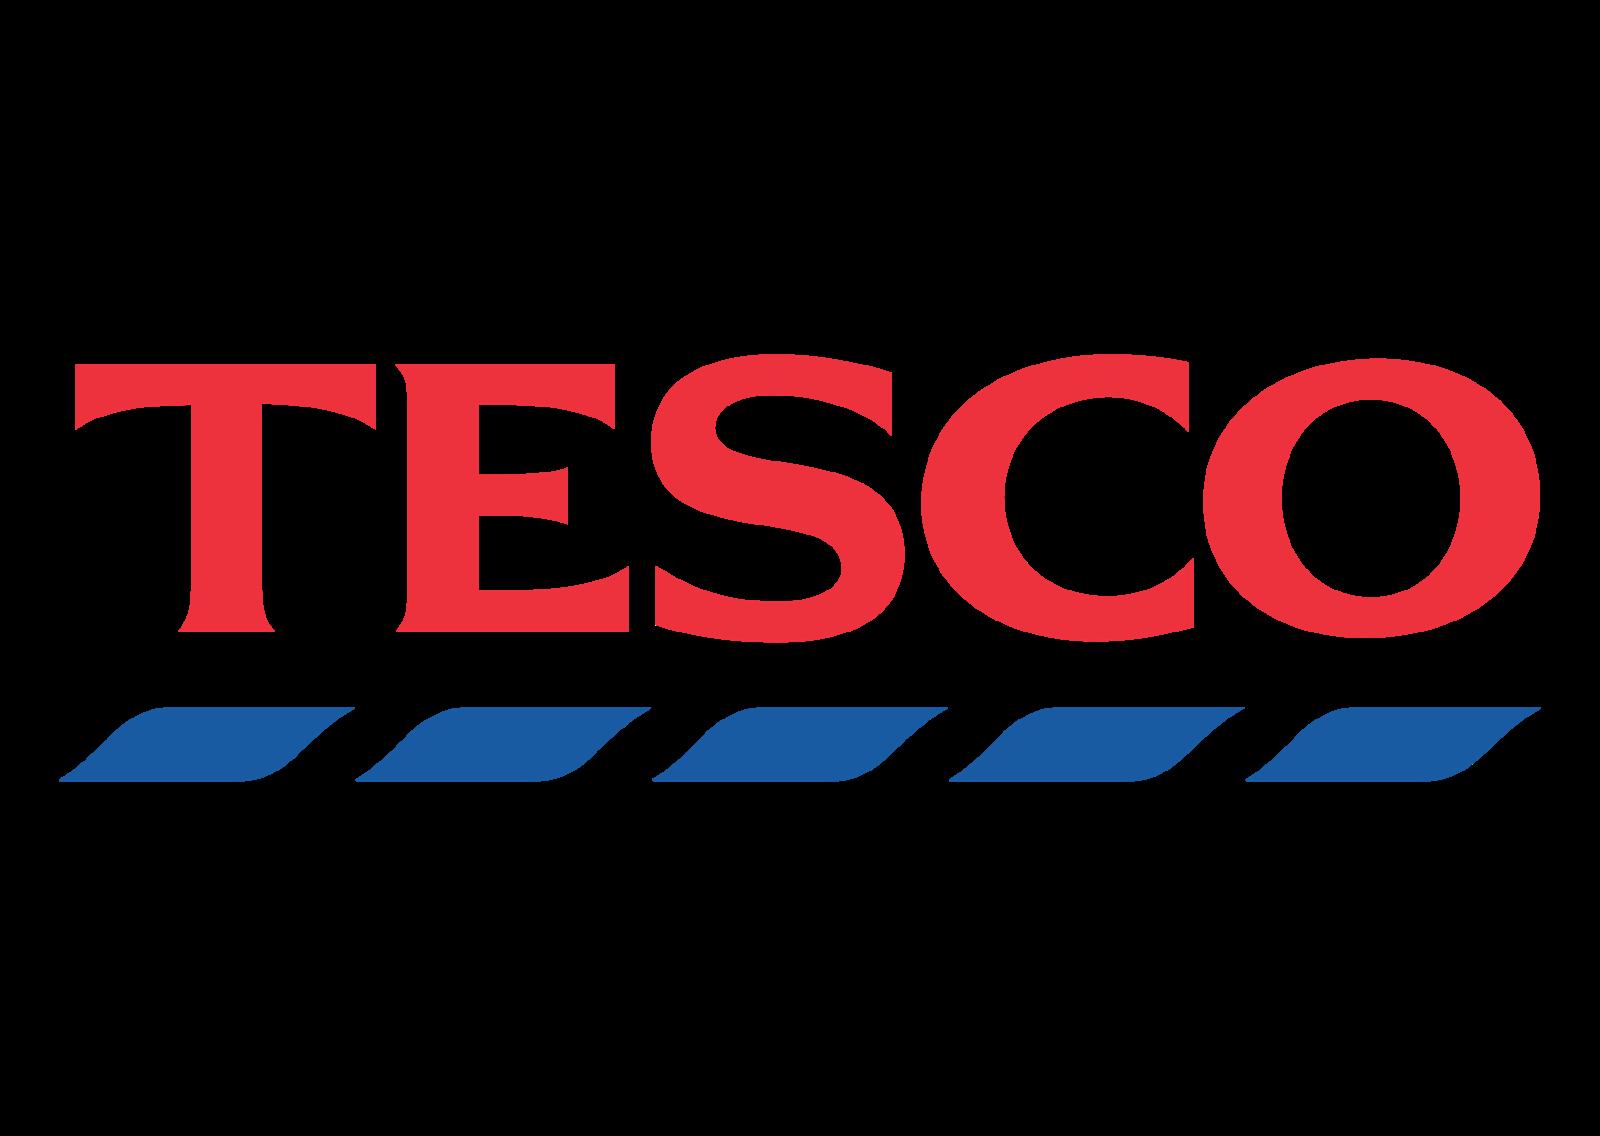 Tesco Recruitment 2018 Job Openings For Freshers